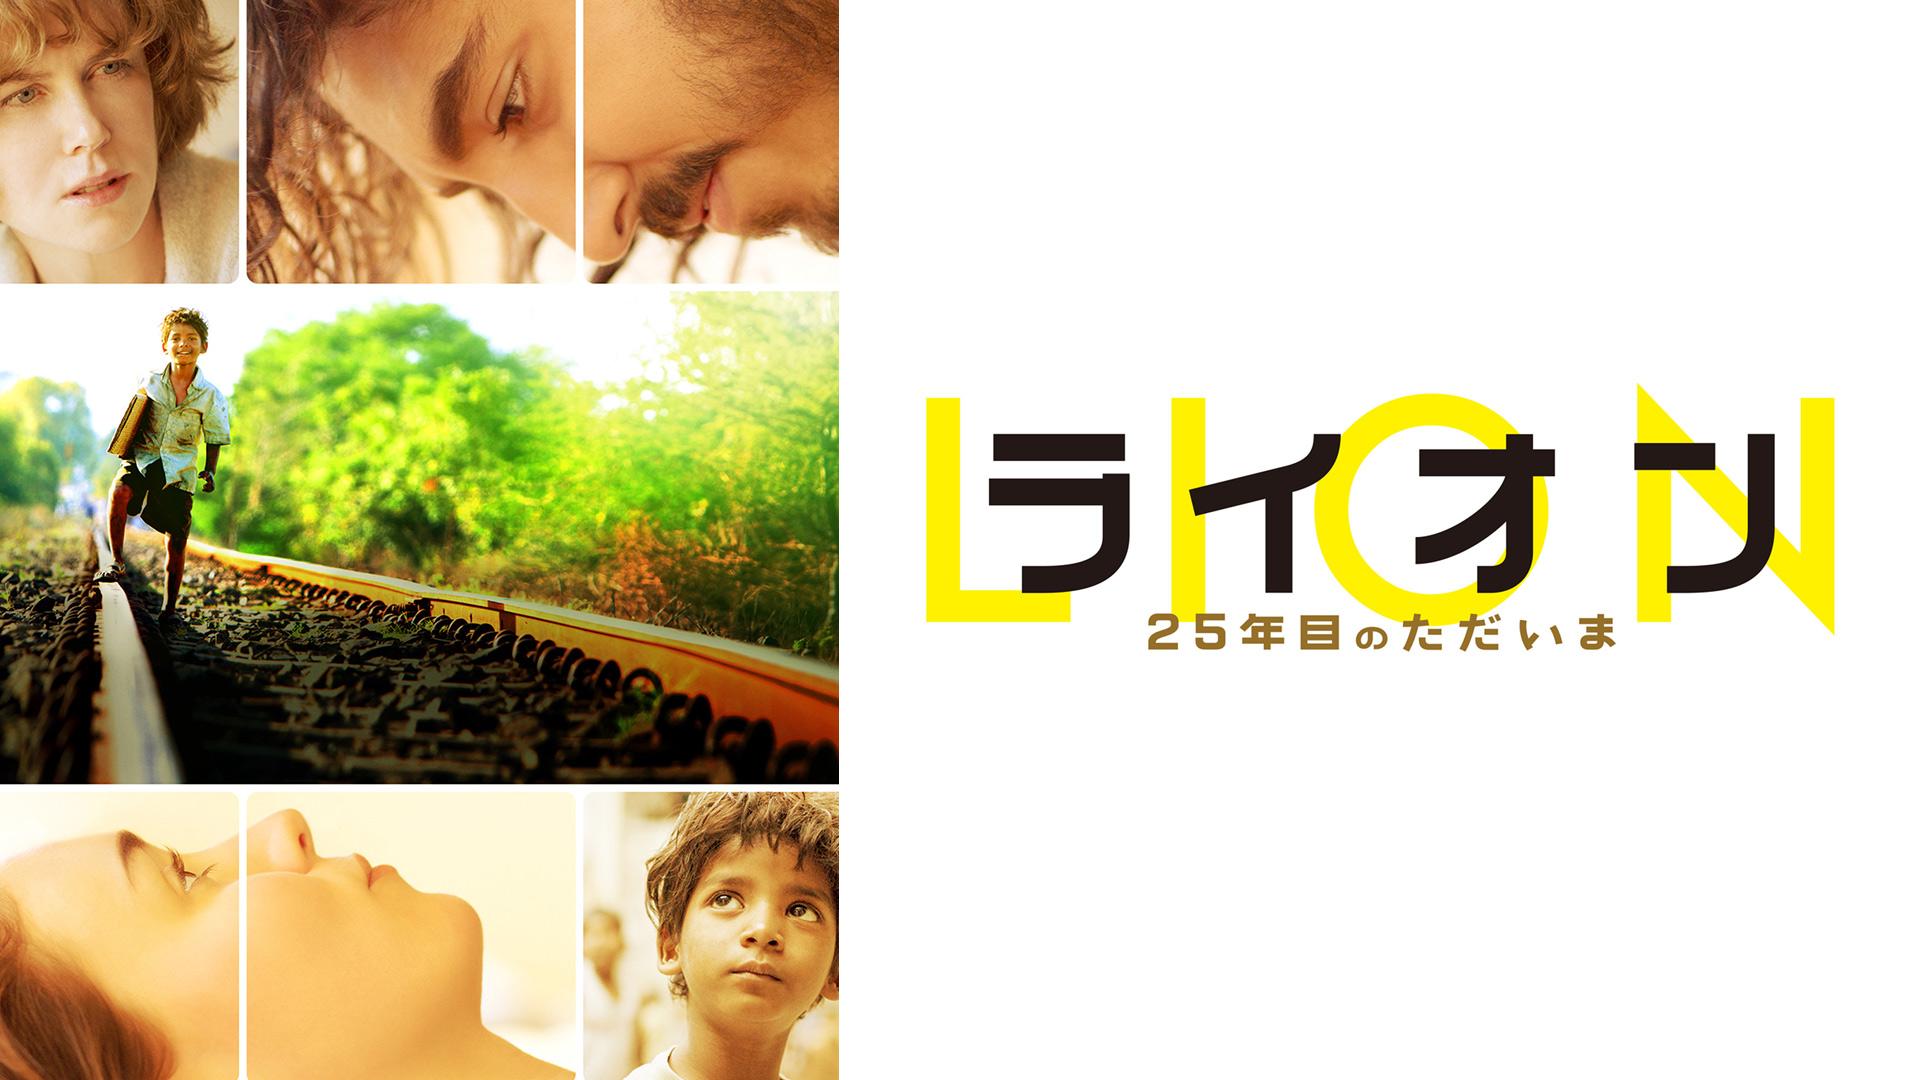 LION /ライオン 25年目のただいま(字幕版)